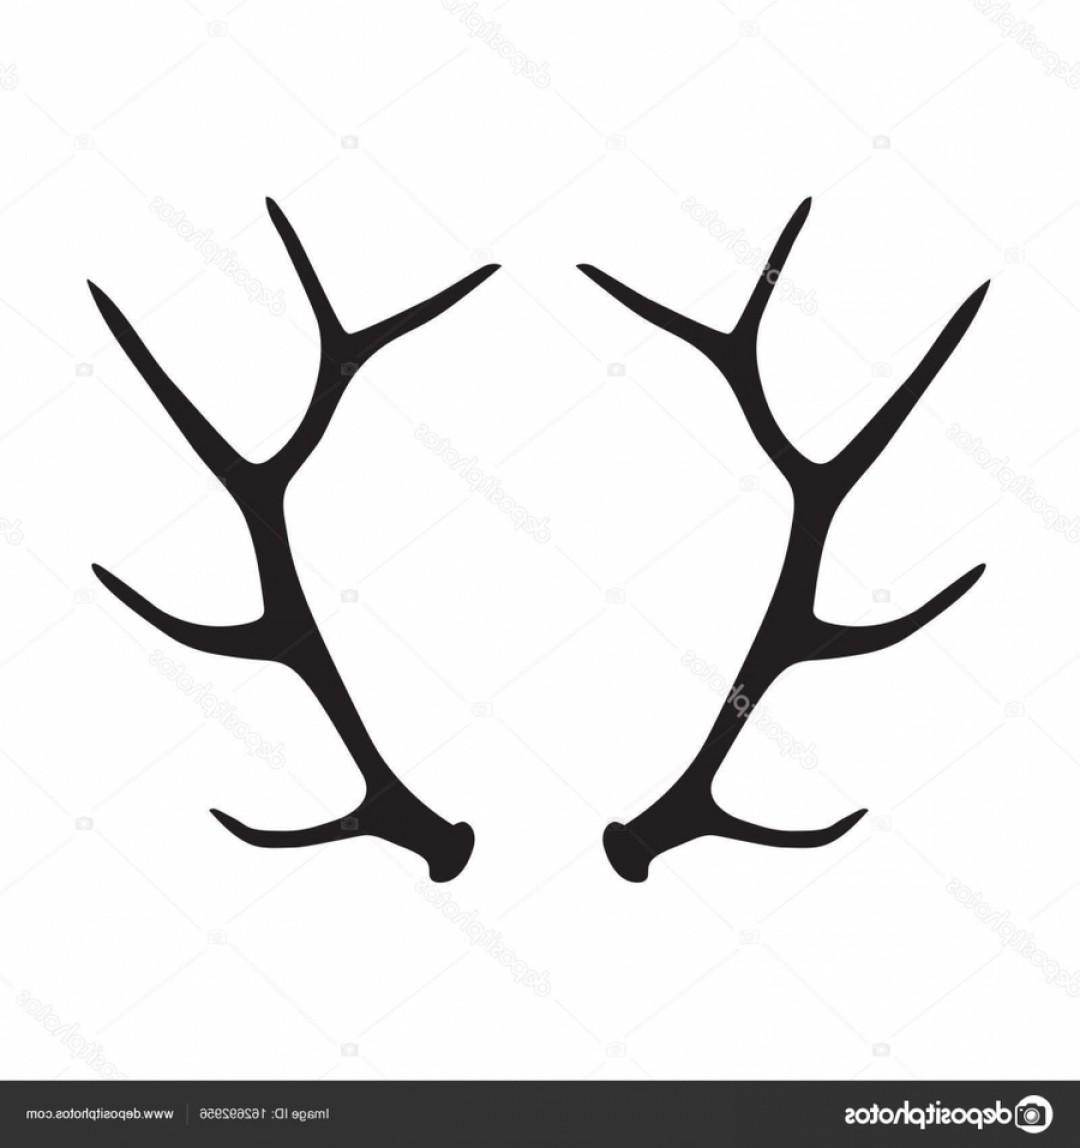 Elk Antler Silhouette Clipart Elk Deer Antler Ydpnu.